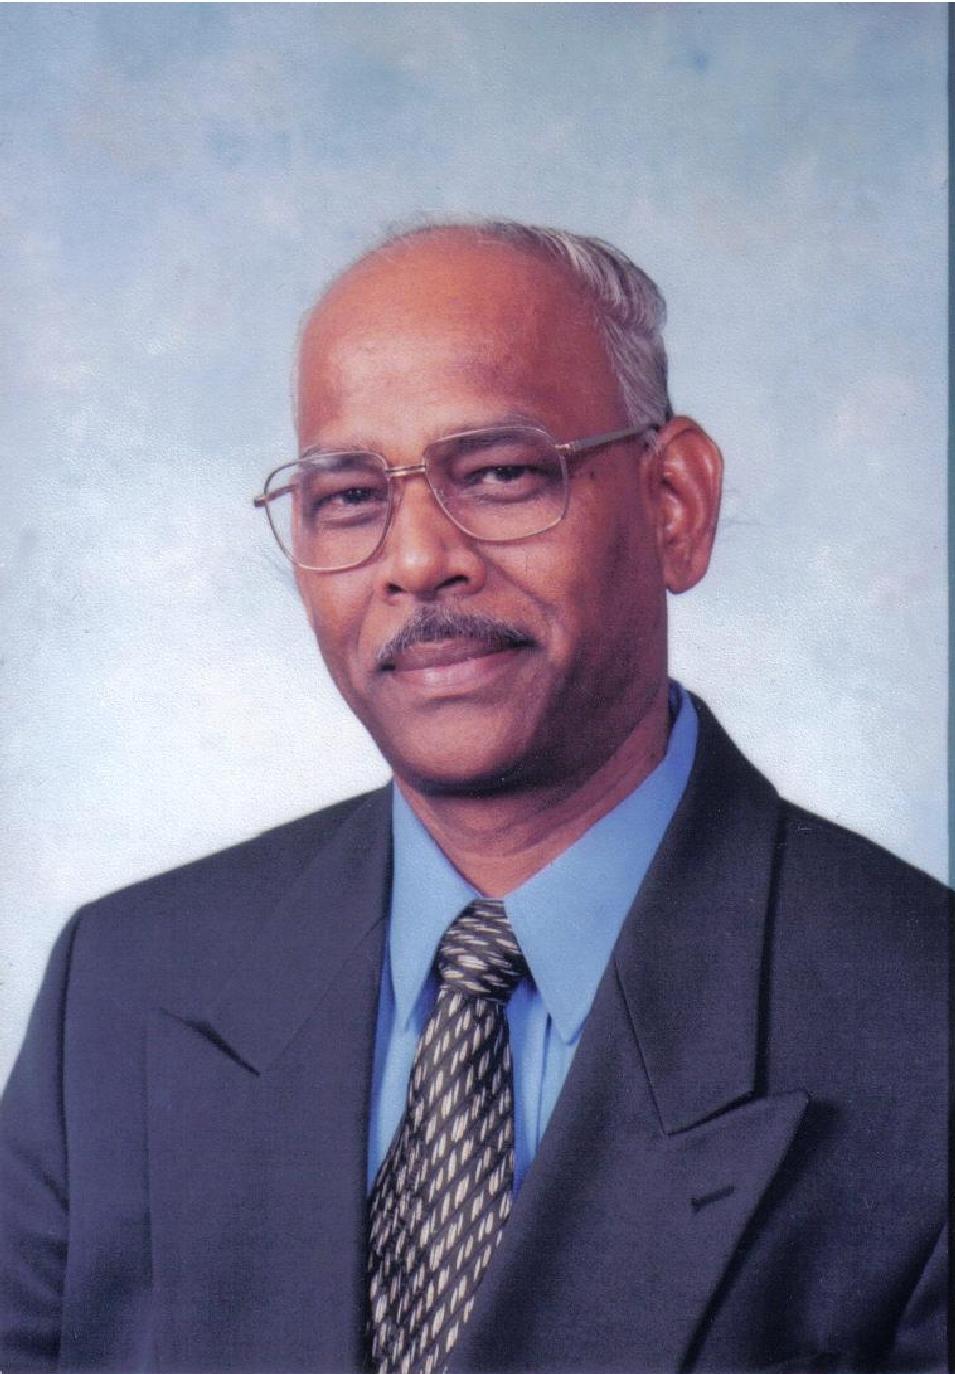 பேராசிரியர் பாலசுந்தரம்